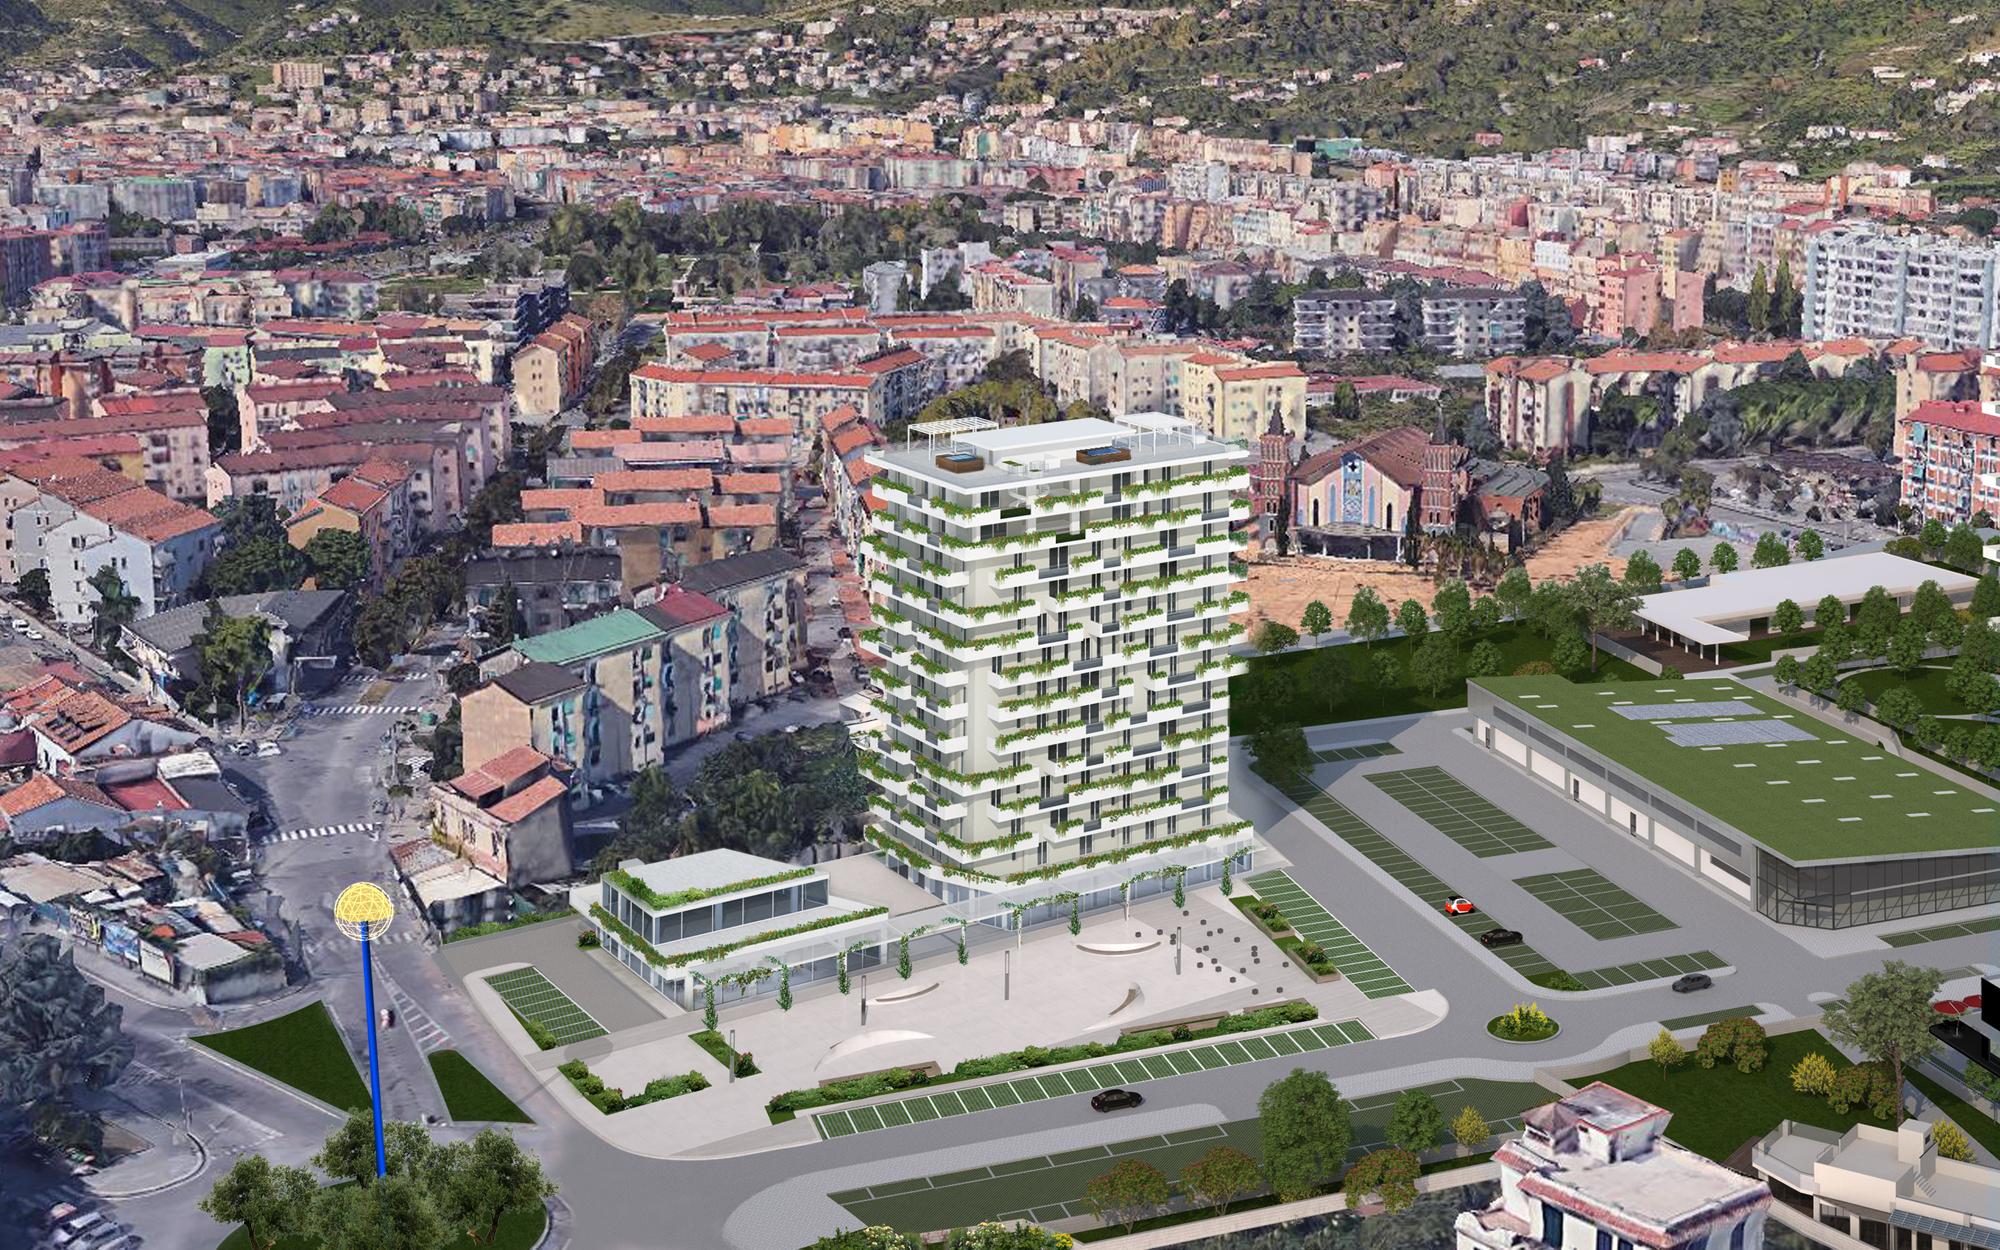 milara-srl-gruppo-postiglione-societa-di-costruzioni-e-vendita-appartamenti-immobili-residenziali-commerciali-cr28-torre-mare-arbostella-002